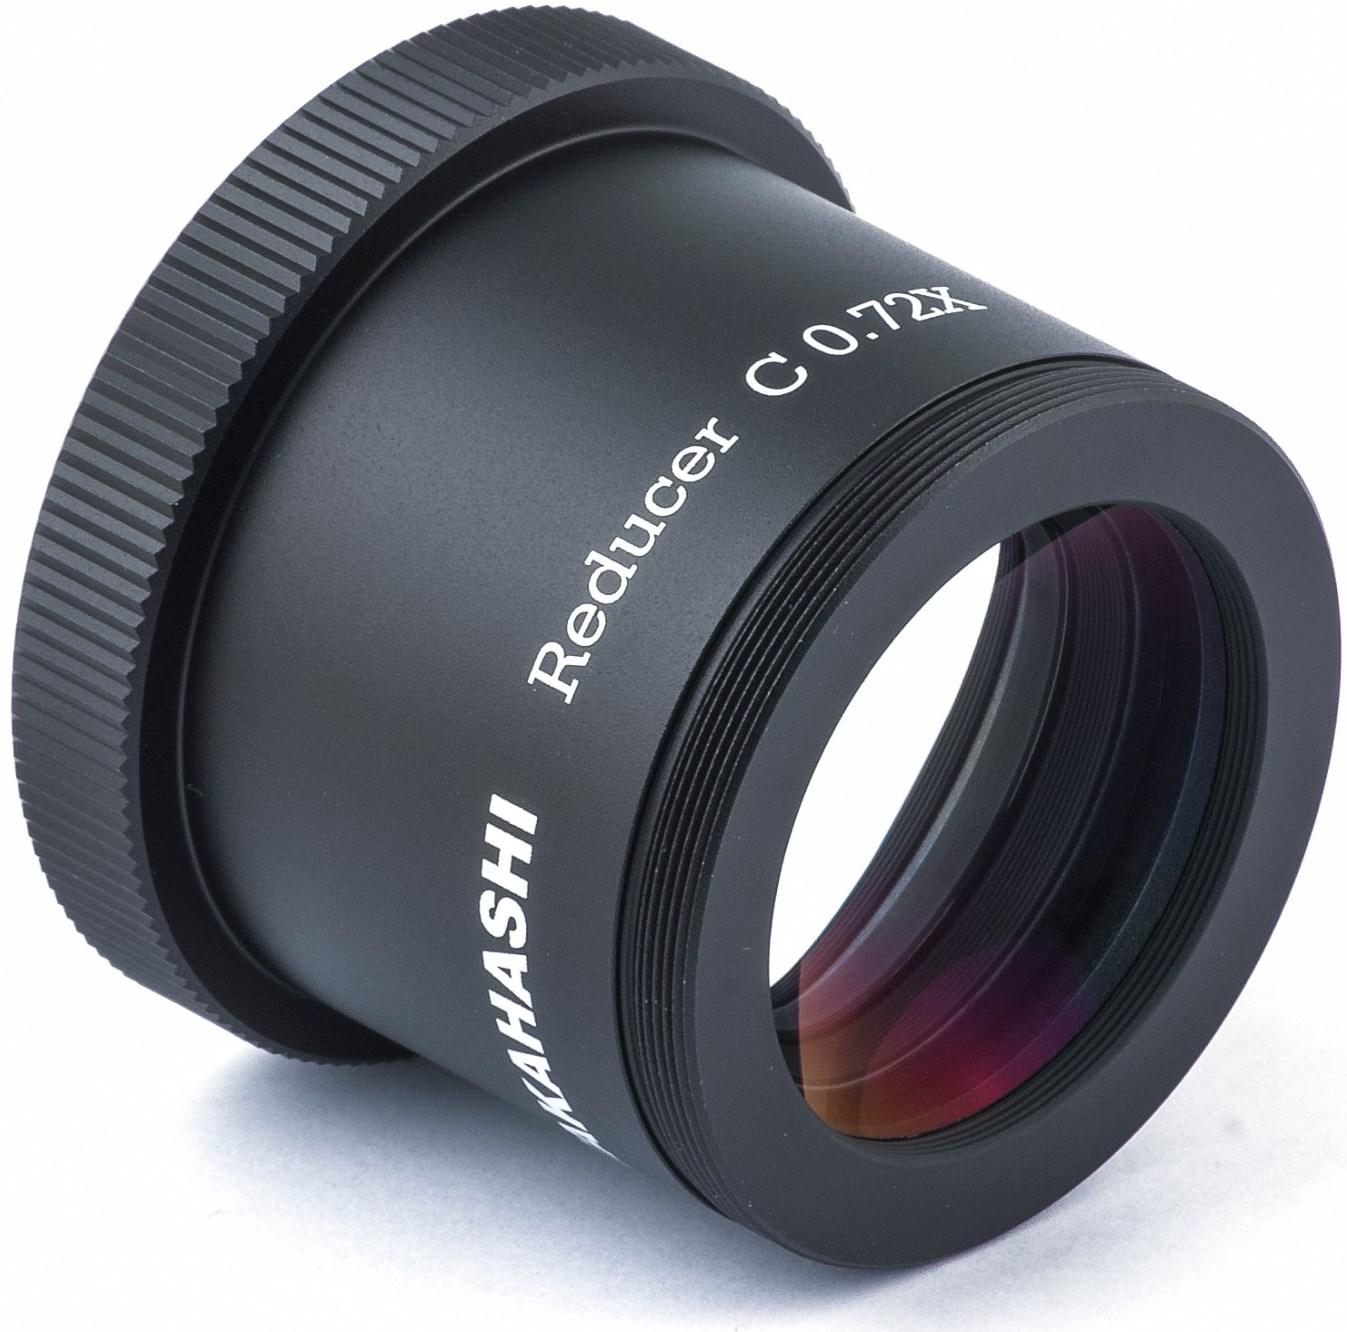 qualité de la marque qualité stable style populaire Réducteur de focale 0.72x pour FS-60